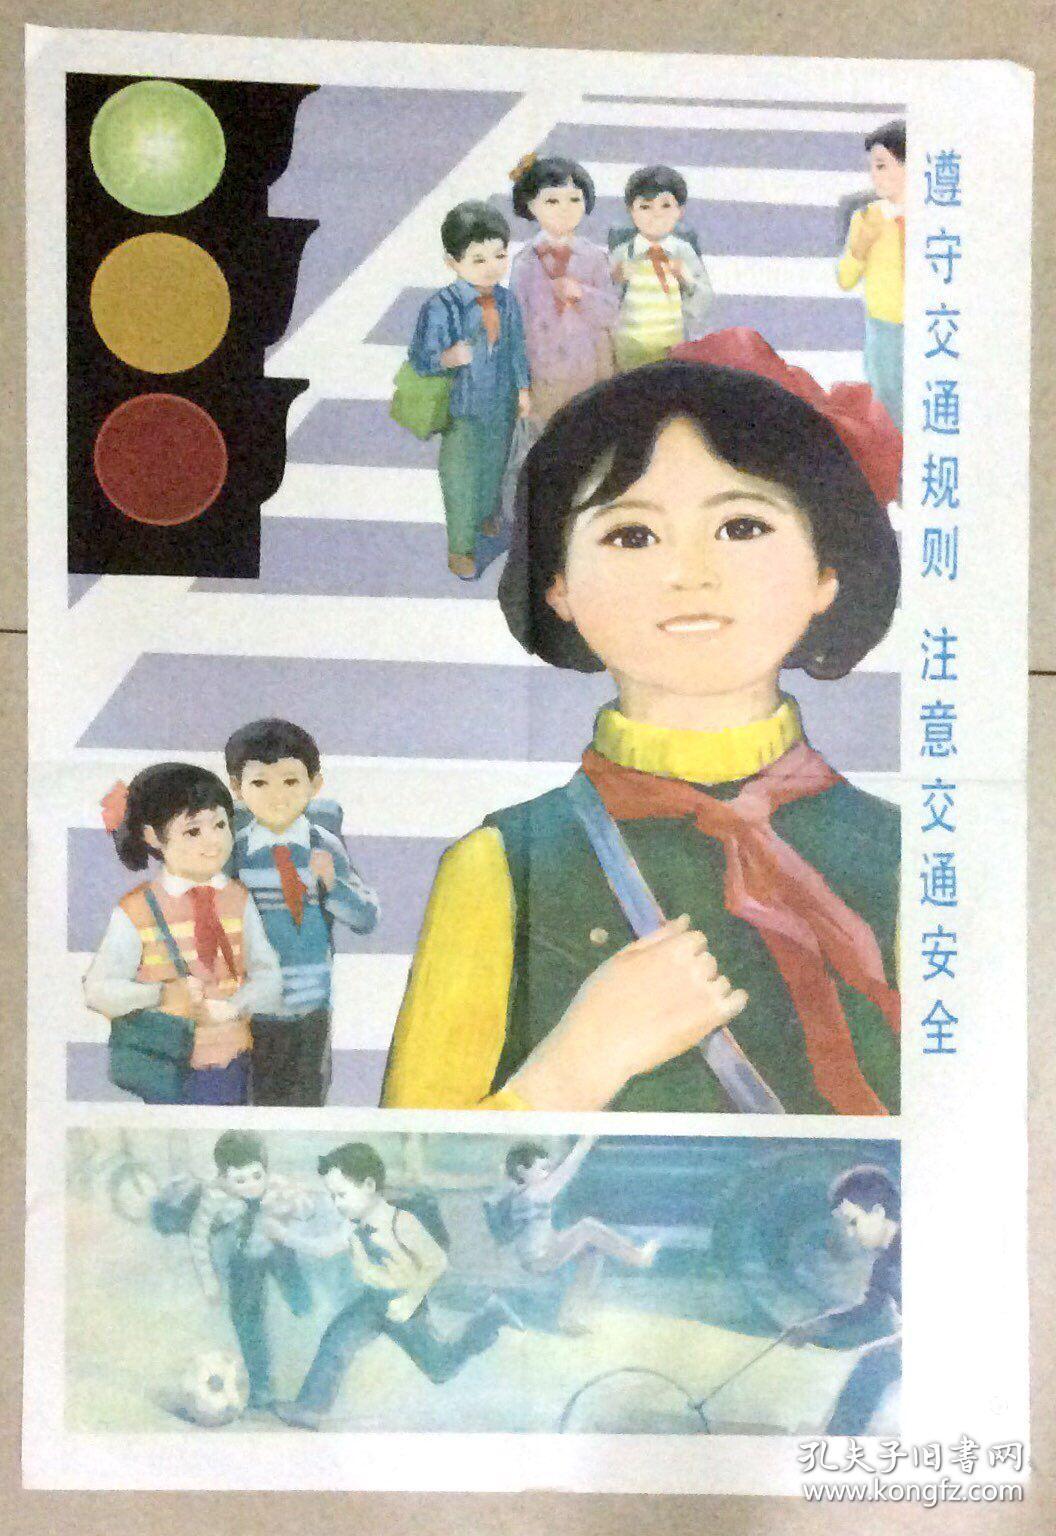 挂图交通并线汽车规则注意交通安全(2开1张)视频遵守视频教学教学图片